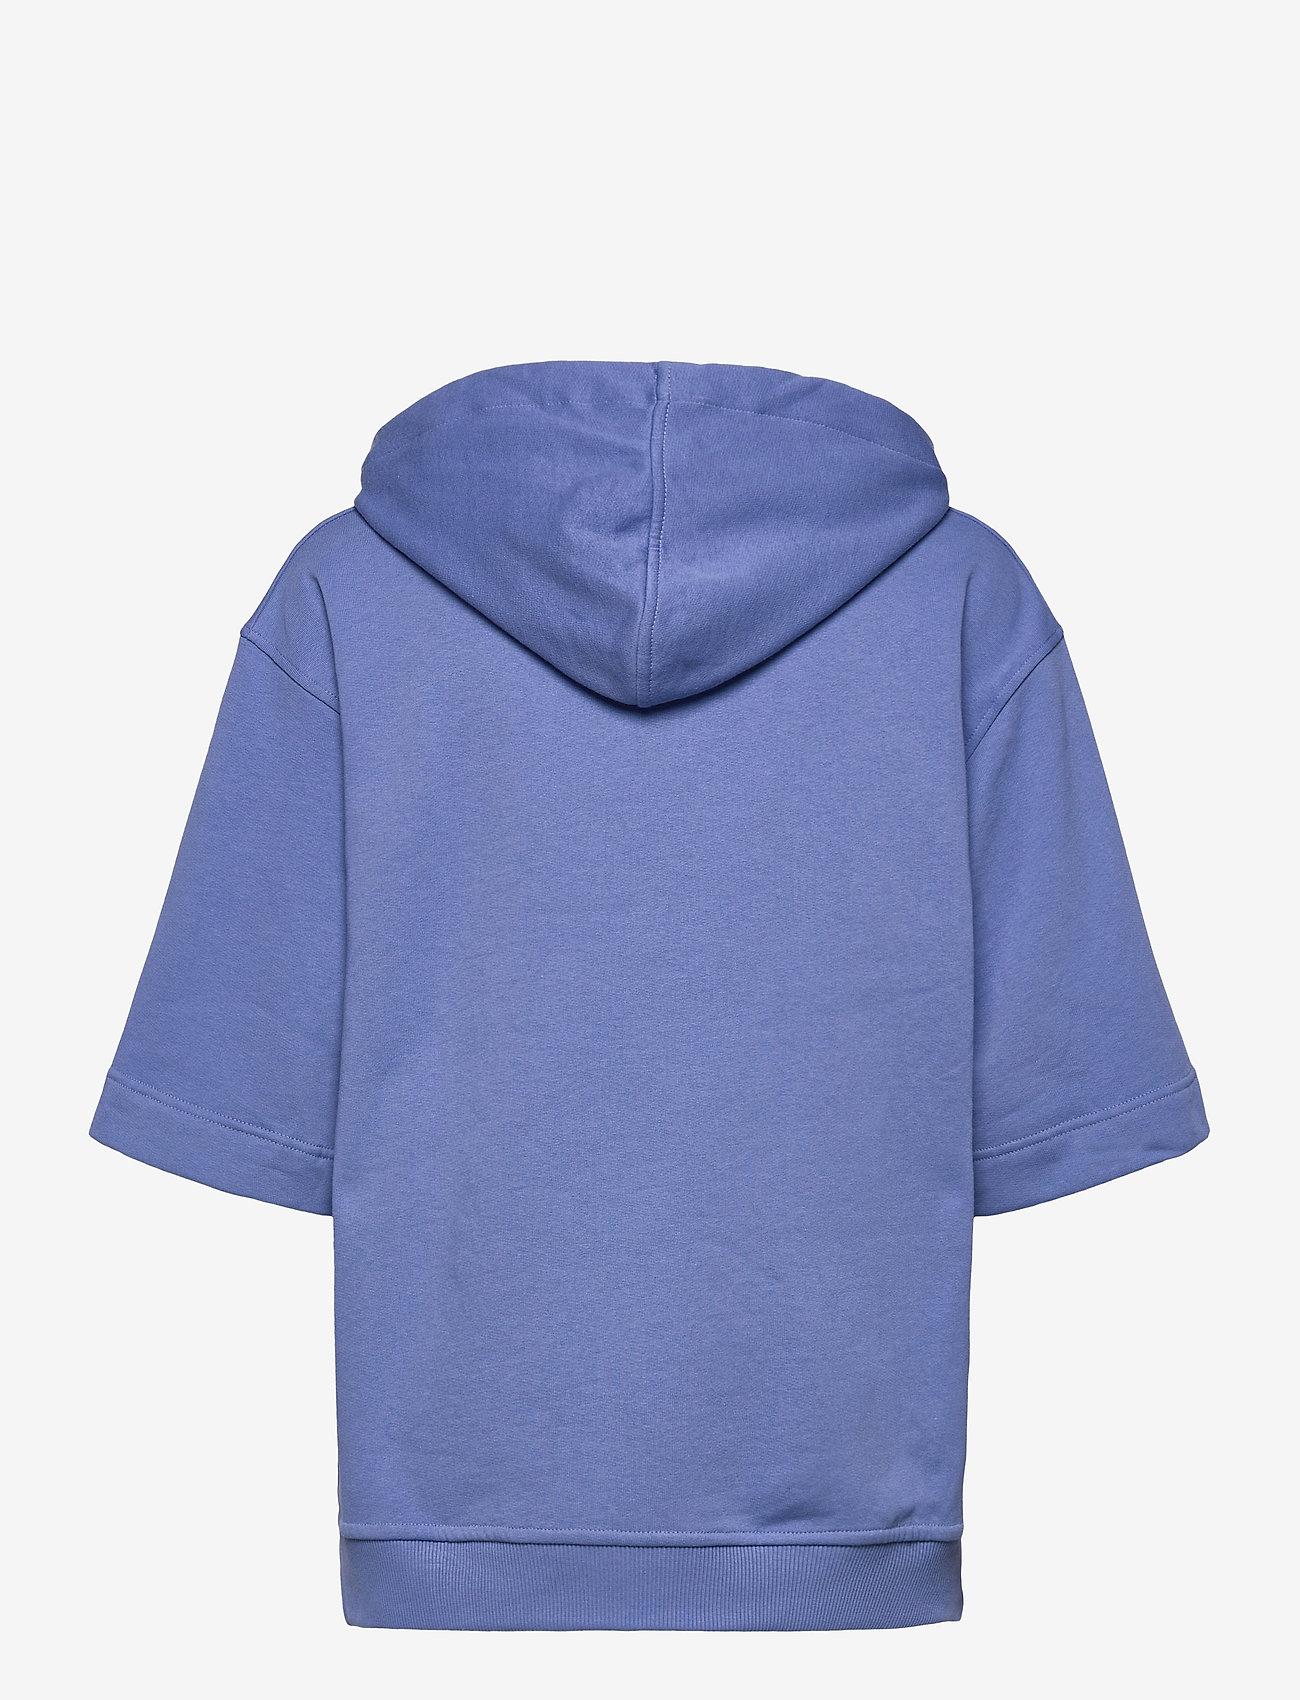 Baum und Pferdgarten - JURA - sweatshirts & hoodies - wedgewood blue - 2